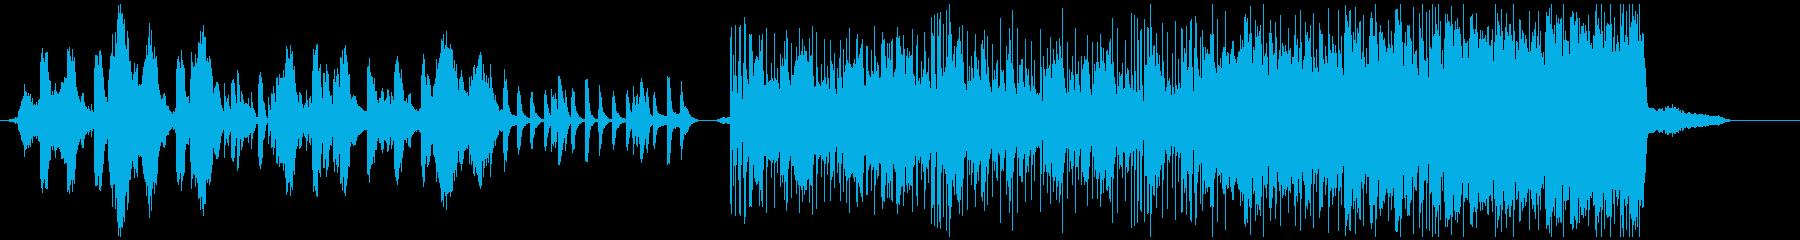 オーケストラ/アクション/アドベン...の再生済みの波形